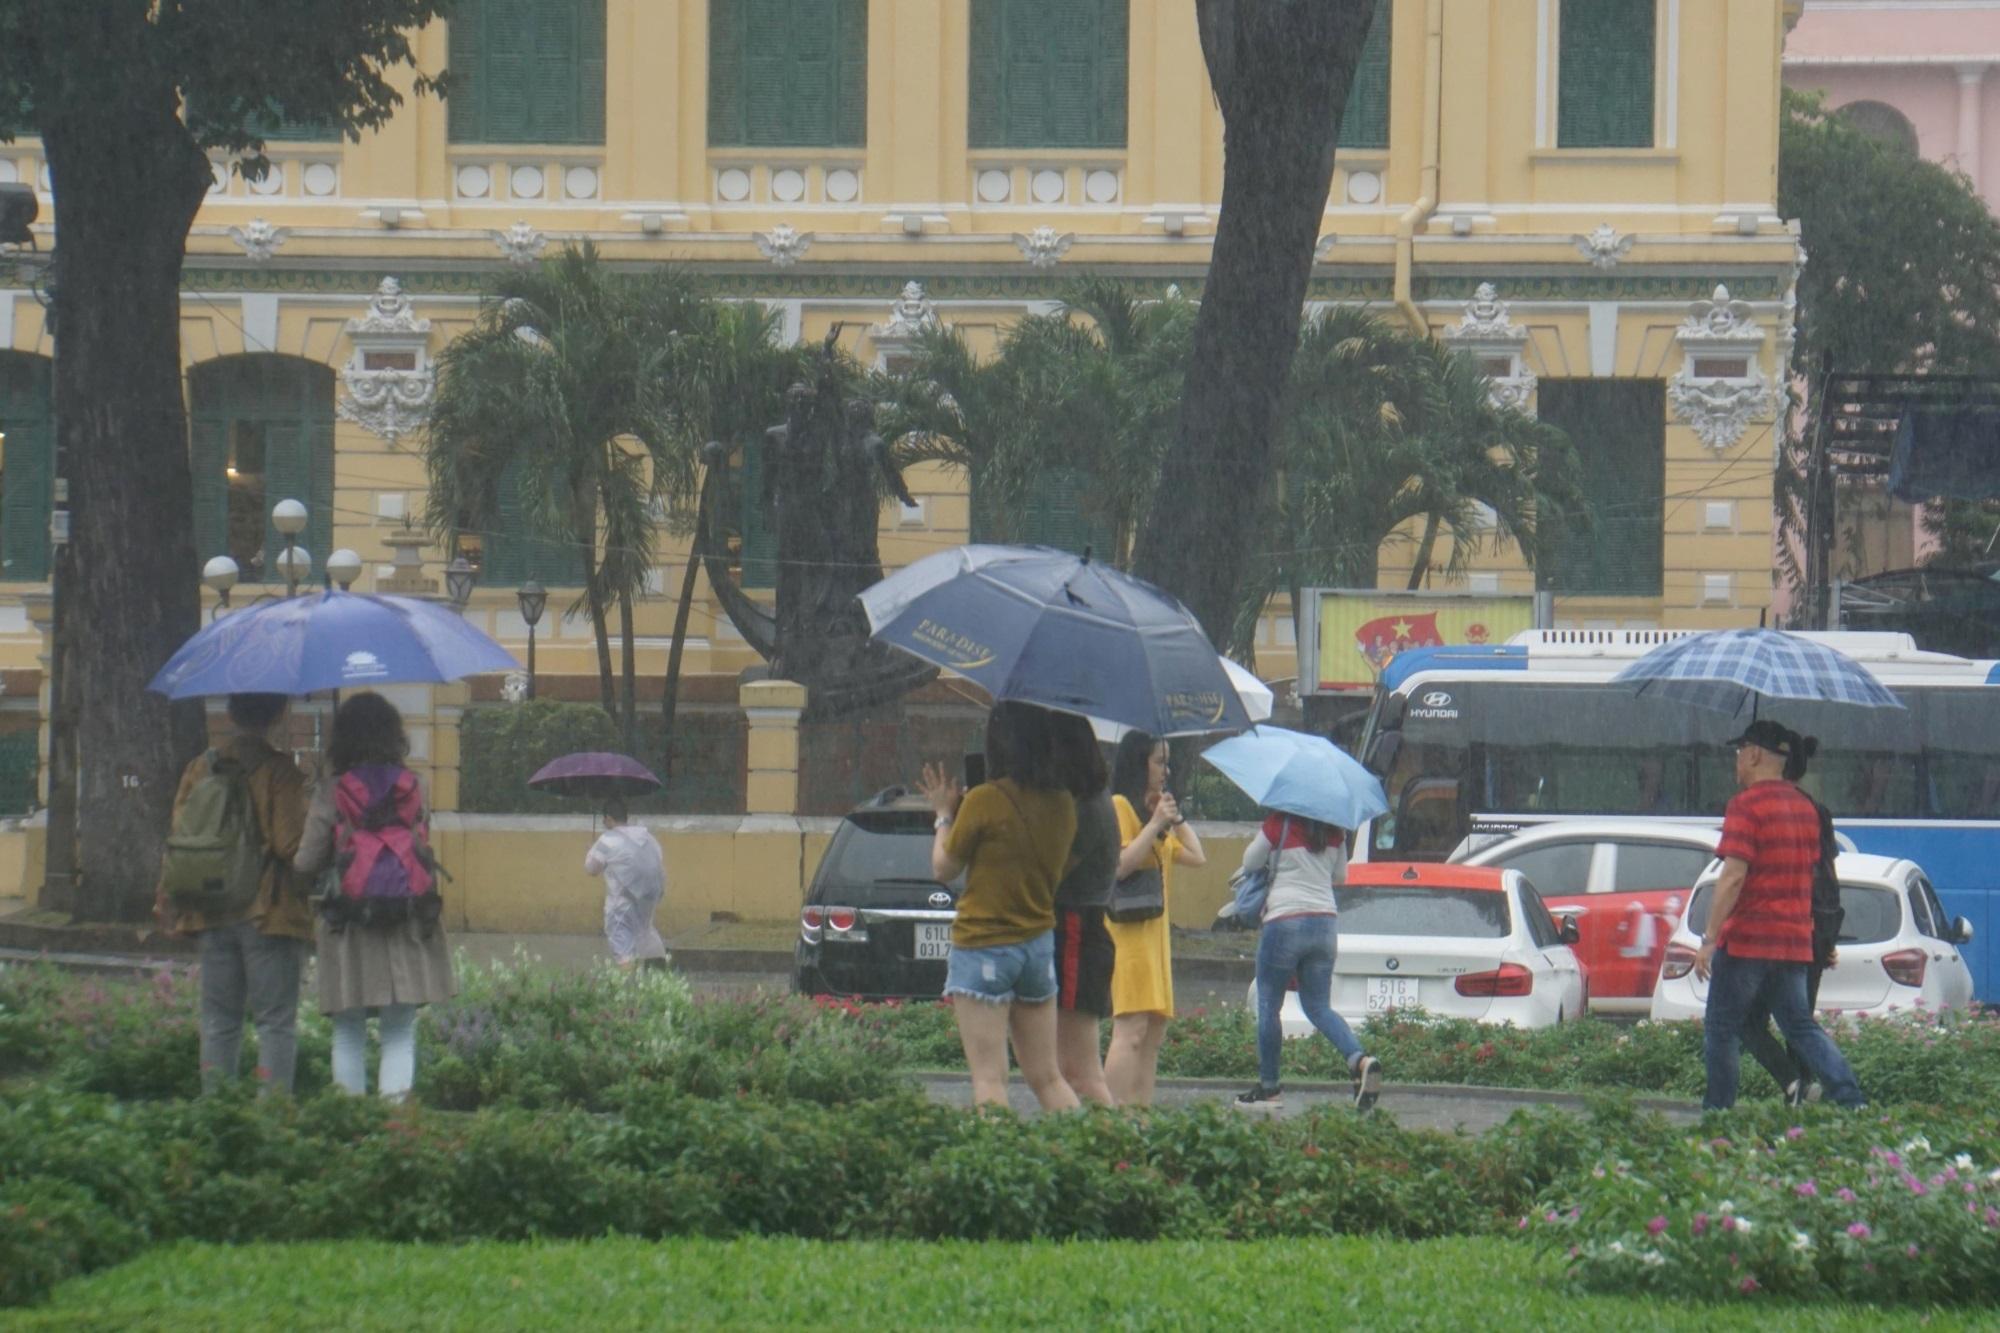 Sài Gòn mưa như trút nước, du khách thoải mái dạo mưa chụp ảnh - Ảnh 4